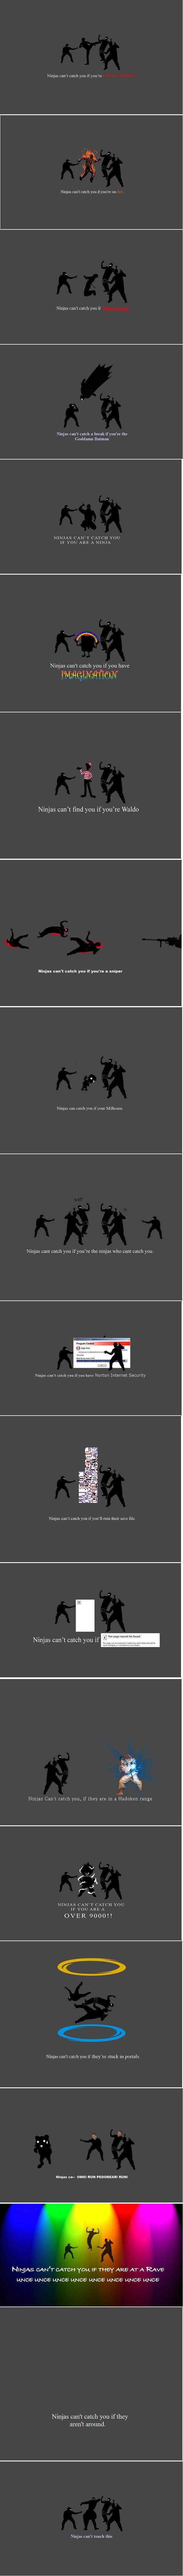 Les ninjas ne peuvent PAS tout faire!